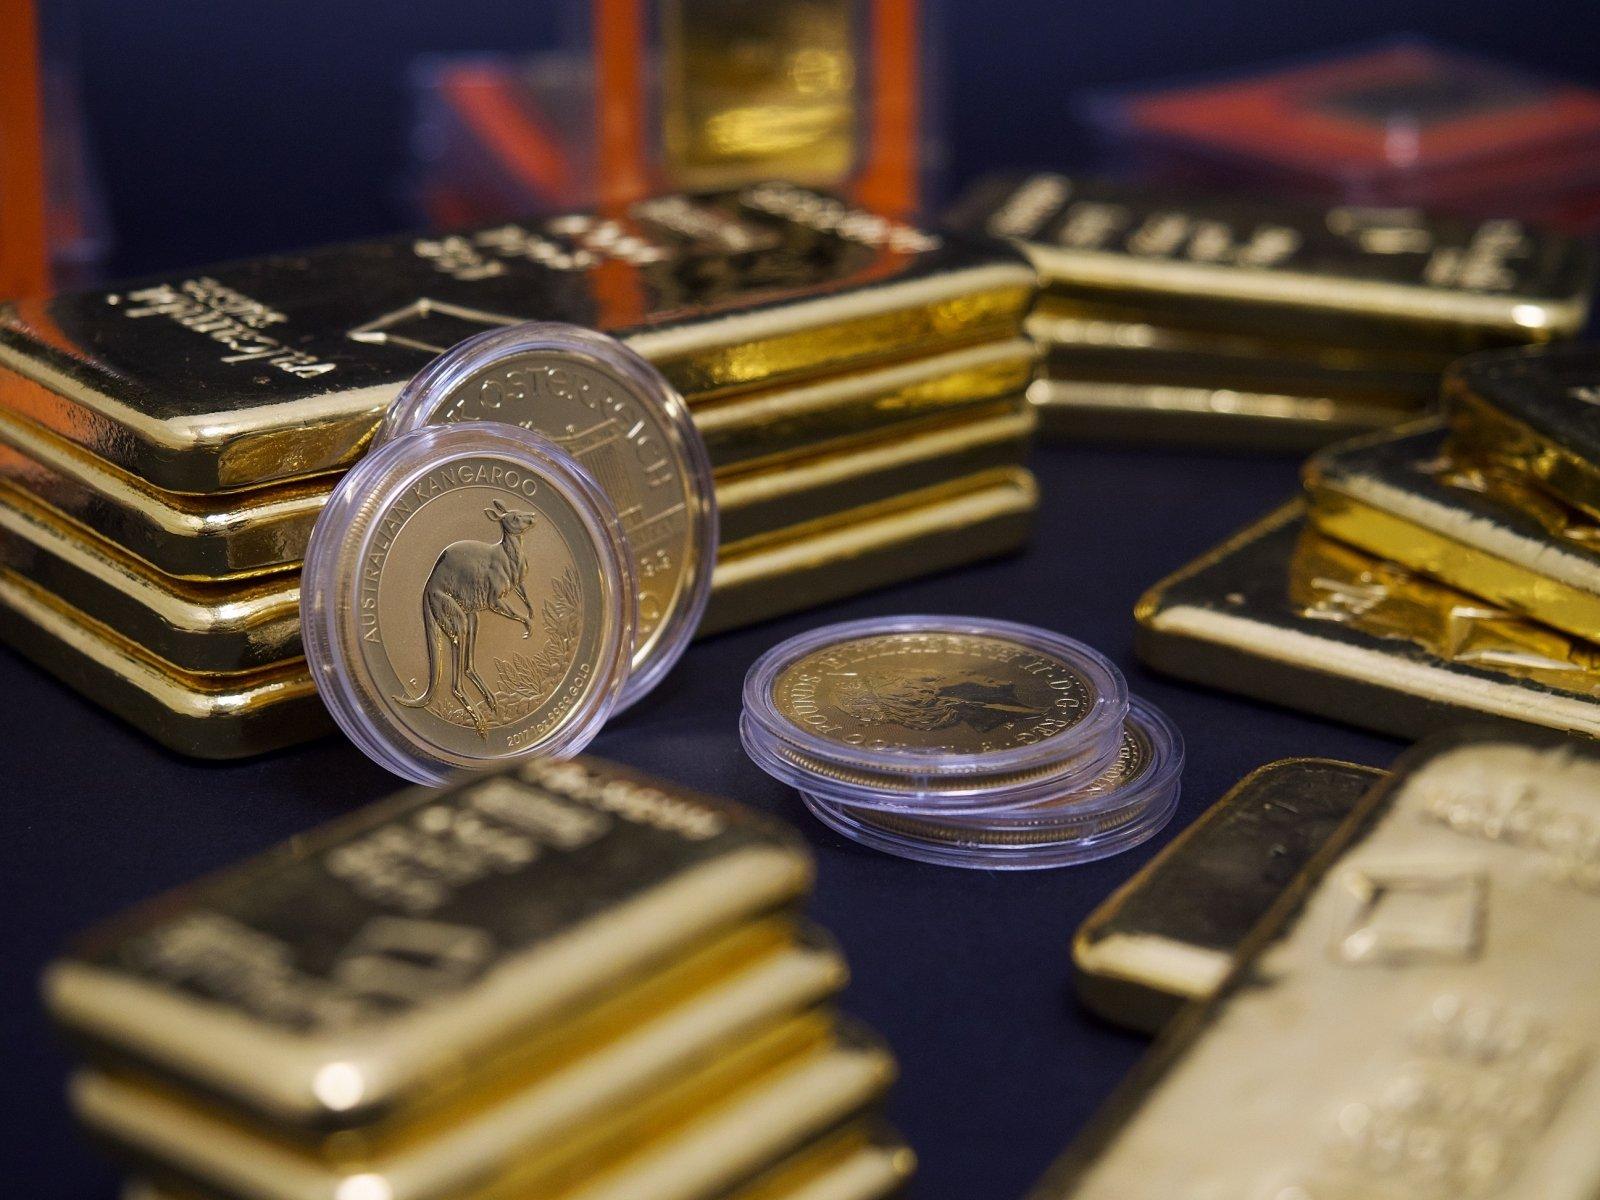 prekybos auksu galimybės